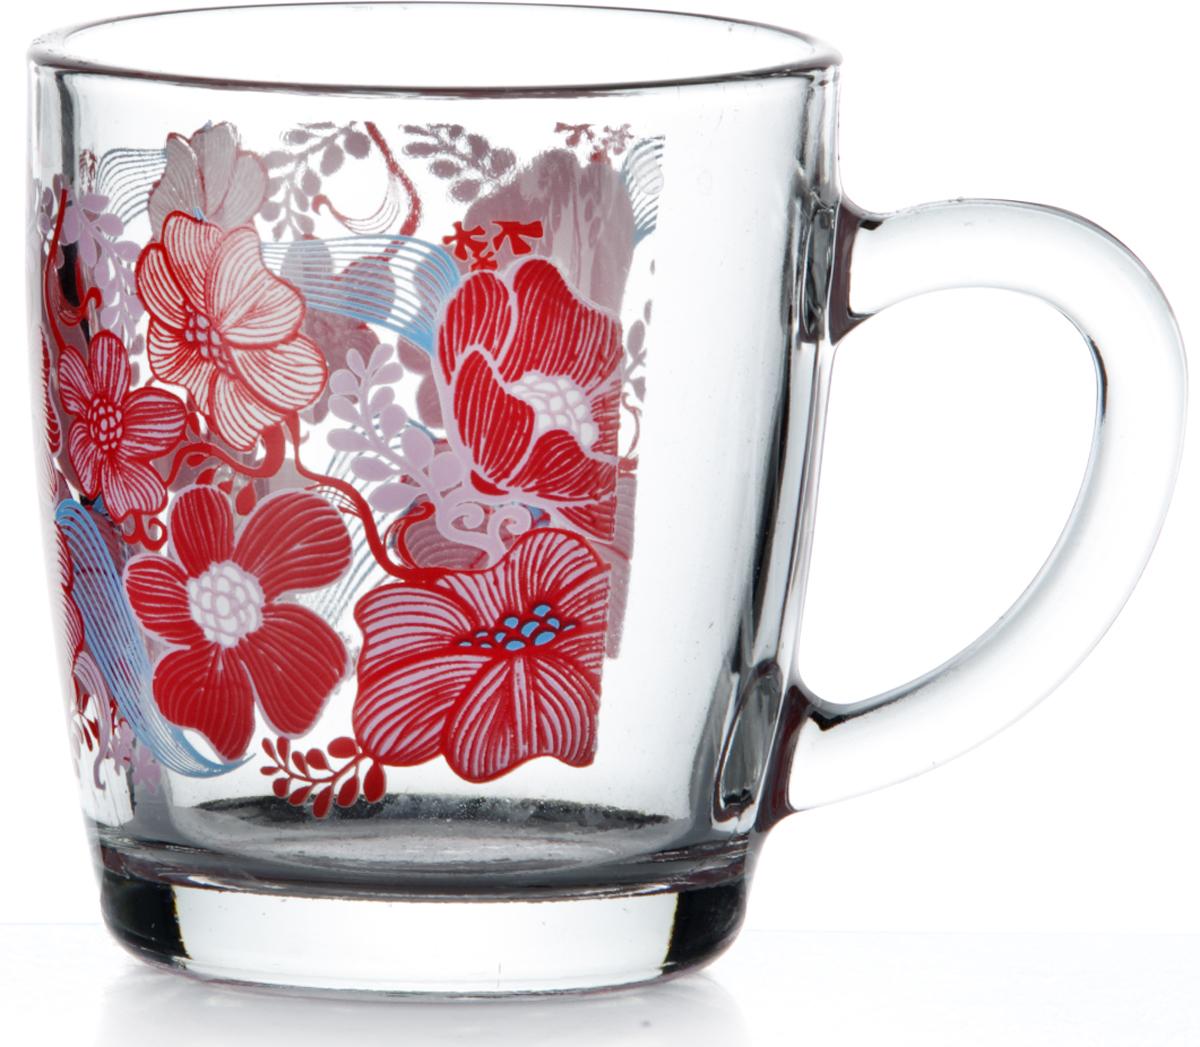 """Кружка Pasabahce """"Серенейд Рэд Дрим"""" изготовлена из прозрачного стекла и украшена красивым рисунком. Изделие идеально подходит для сервировки стола."""